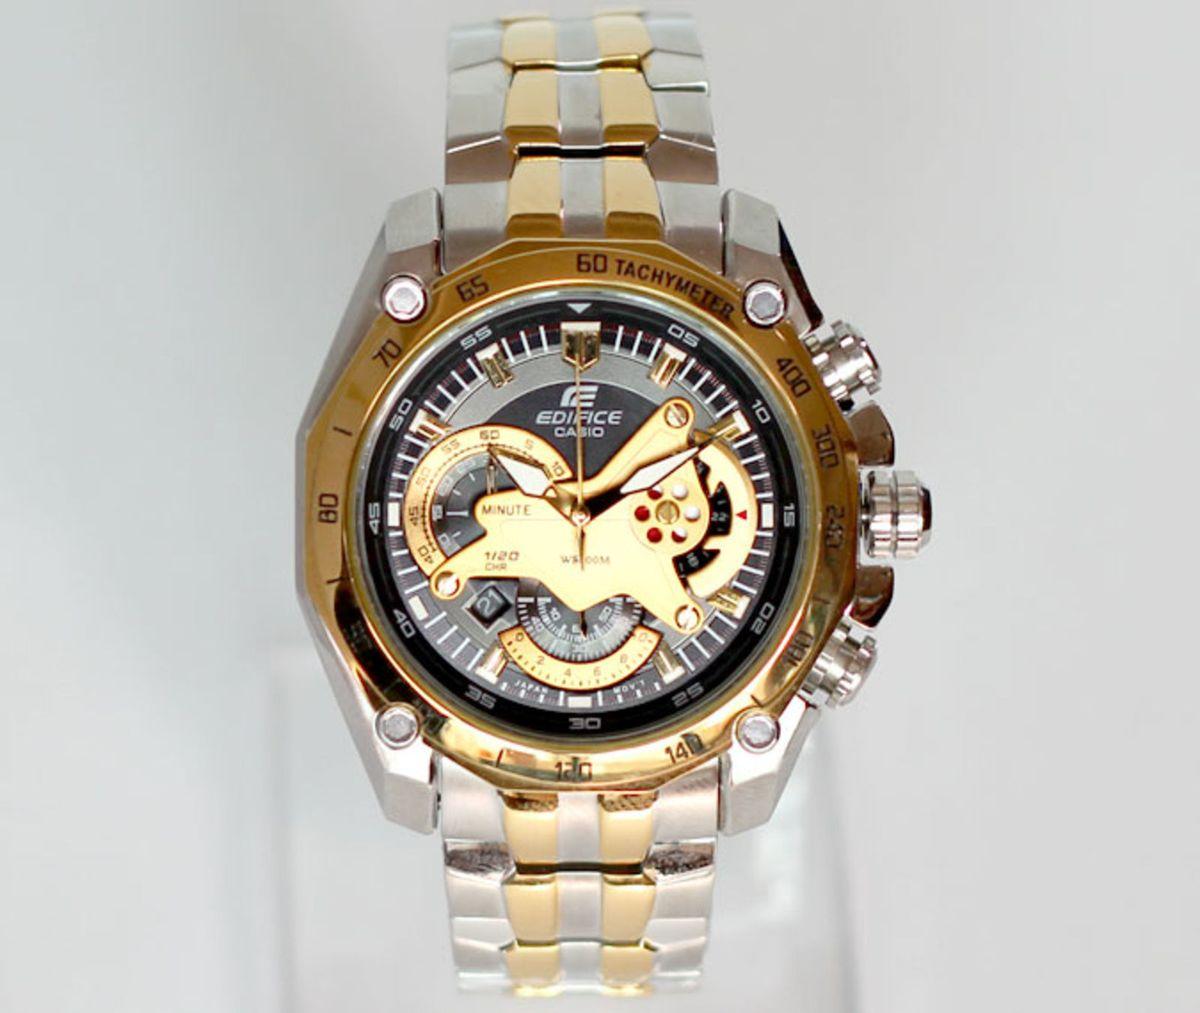 ed0e9add0f2 relógio casio edifice ef-550 preto pulseira mista - relógios casio edifice